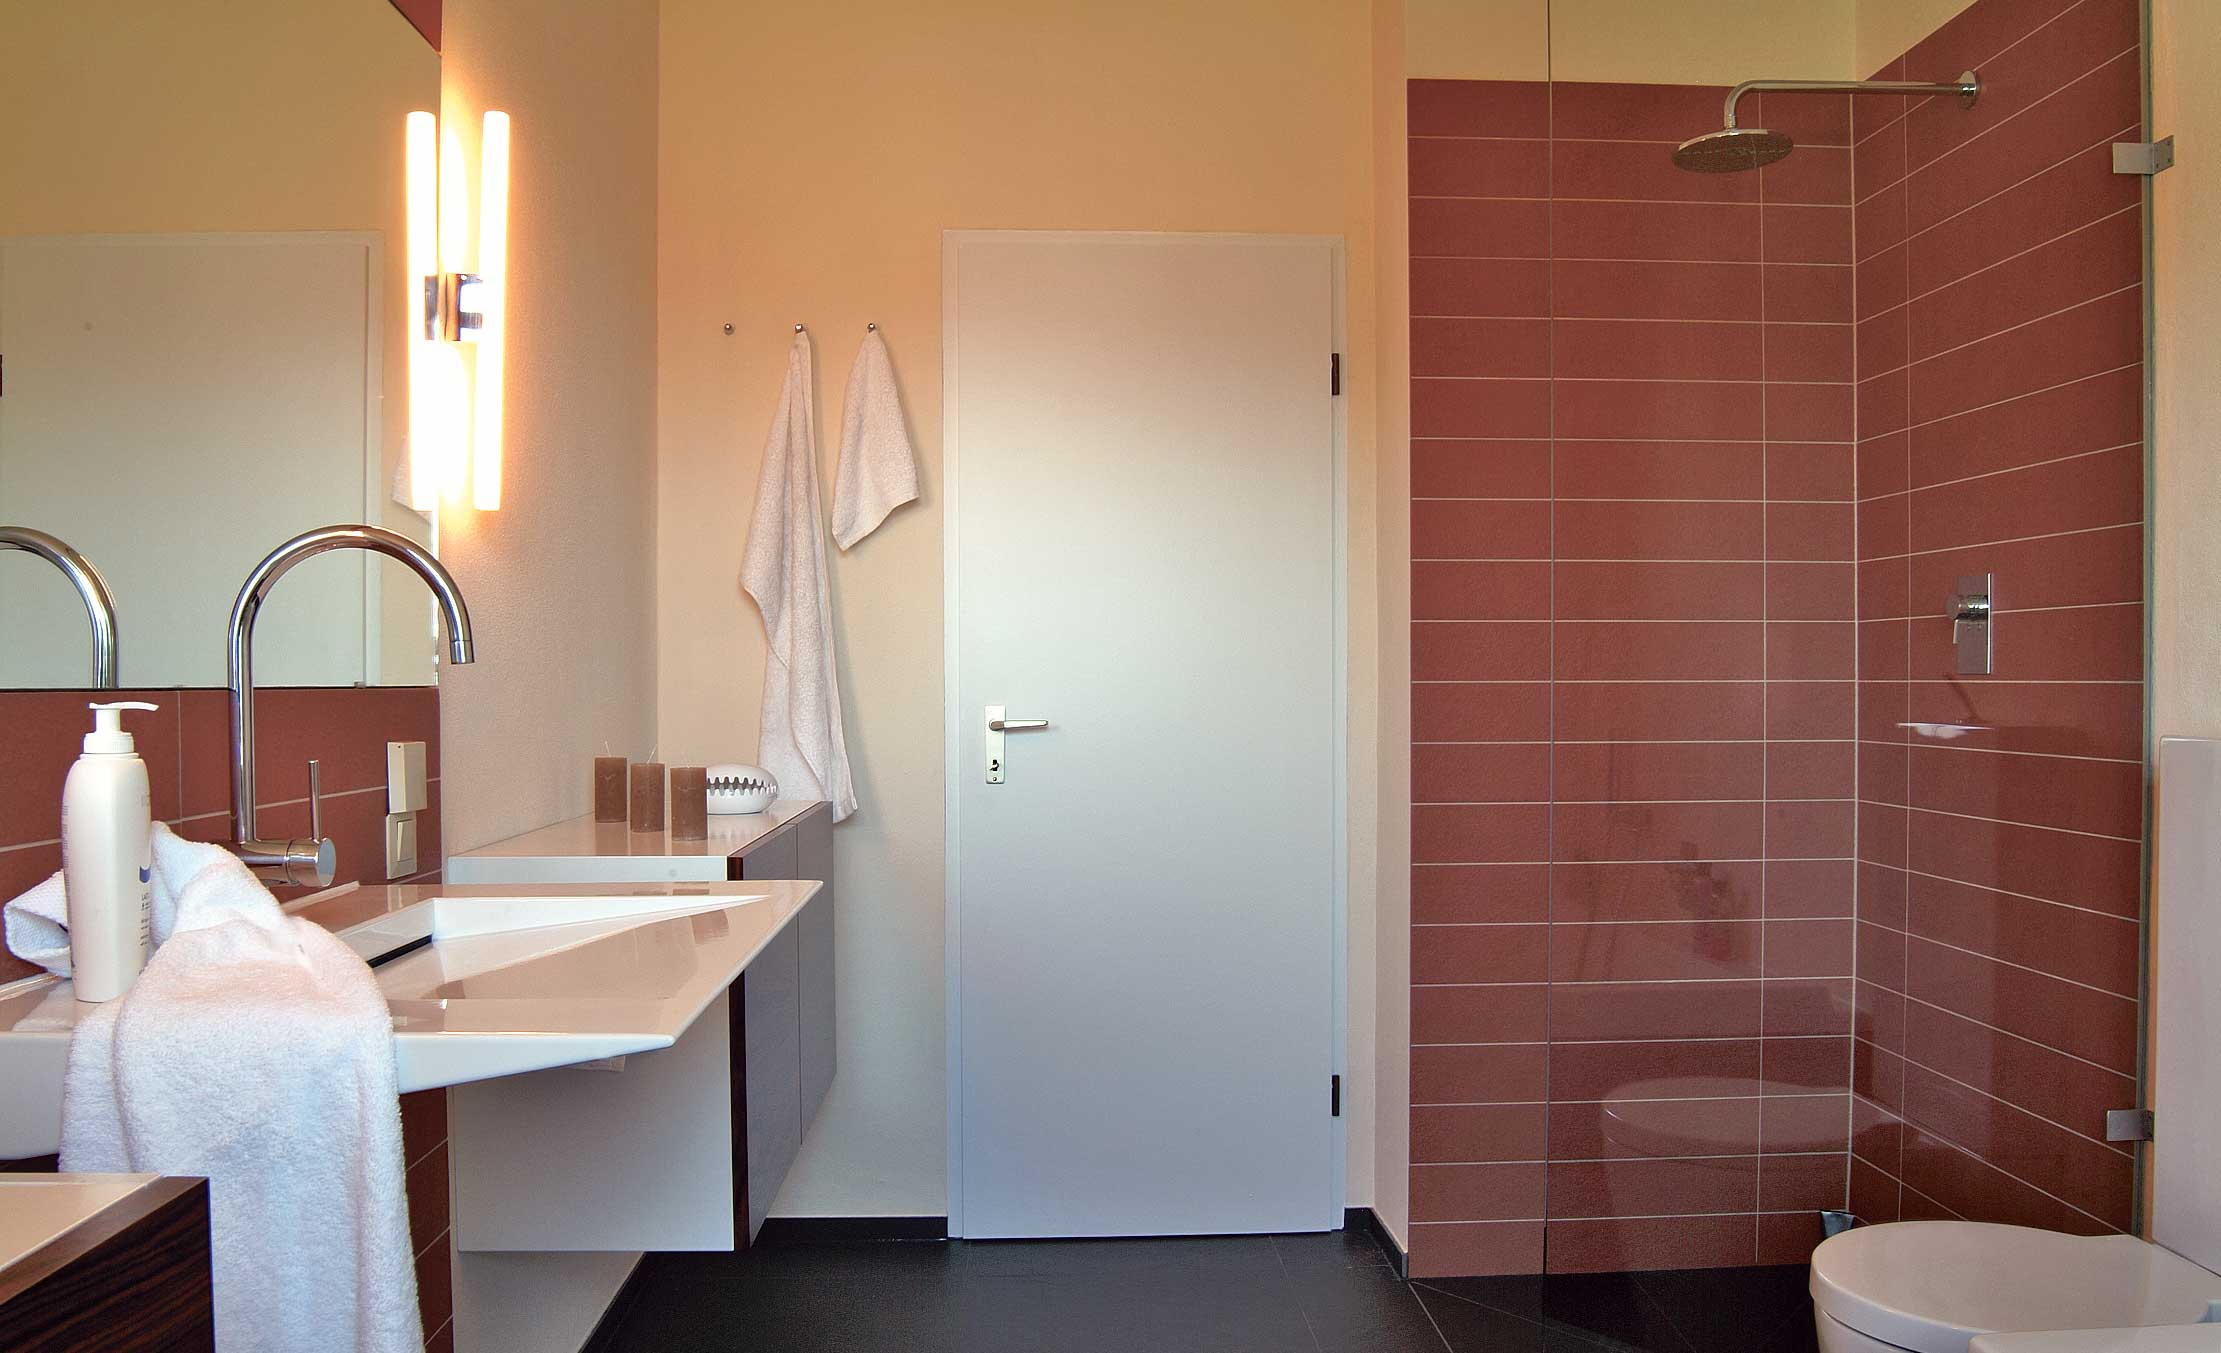 Full Size of Begehbare Dusche Abdichten Selbstde Ebenerdige Kosten Bluetooth Lautsprecher Glastür Bidet Wand Mischbatterie Ohne Tür Haltegriff Glastrennwand Fliesen Dusche Begehbare Dusche